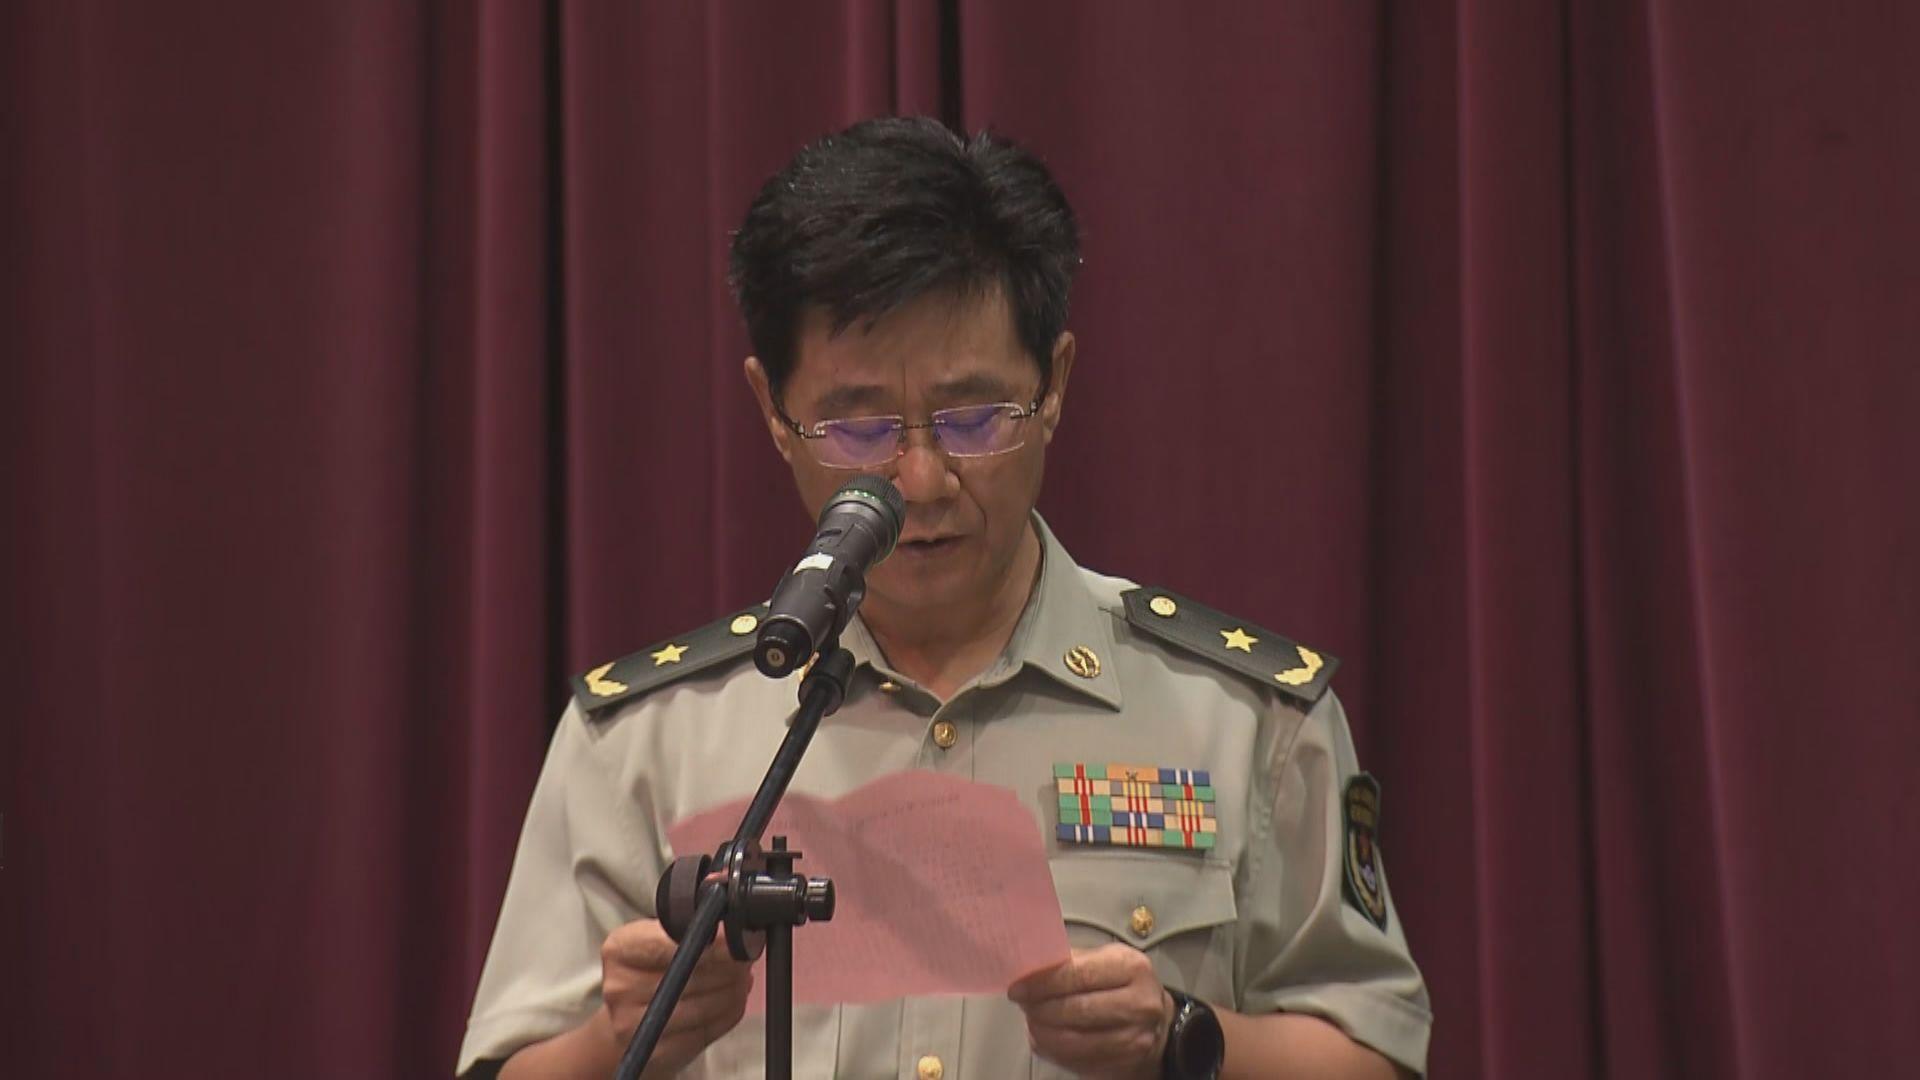 陳亞丁:解放軍會與分裂勢力作鬥爭